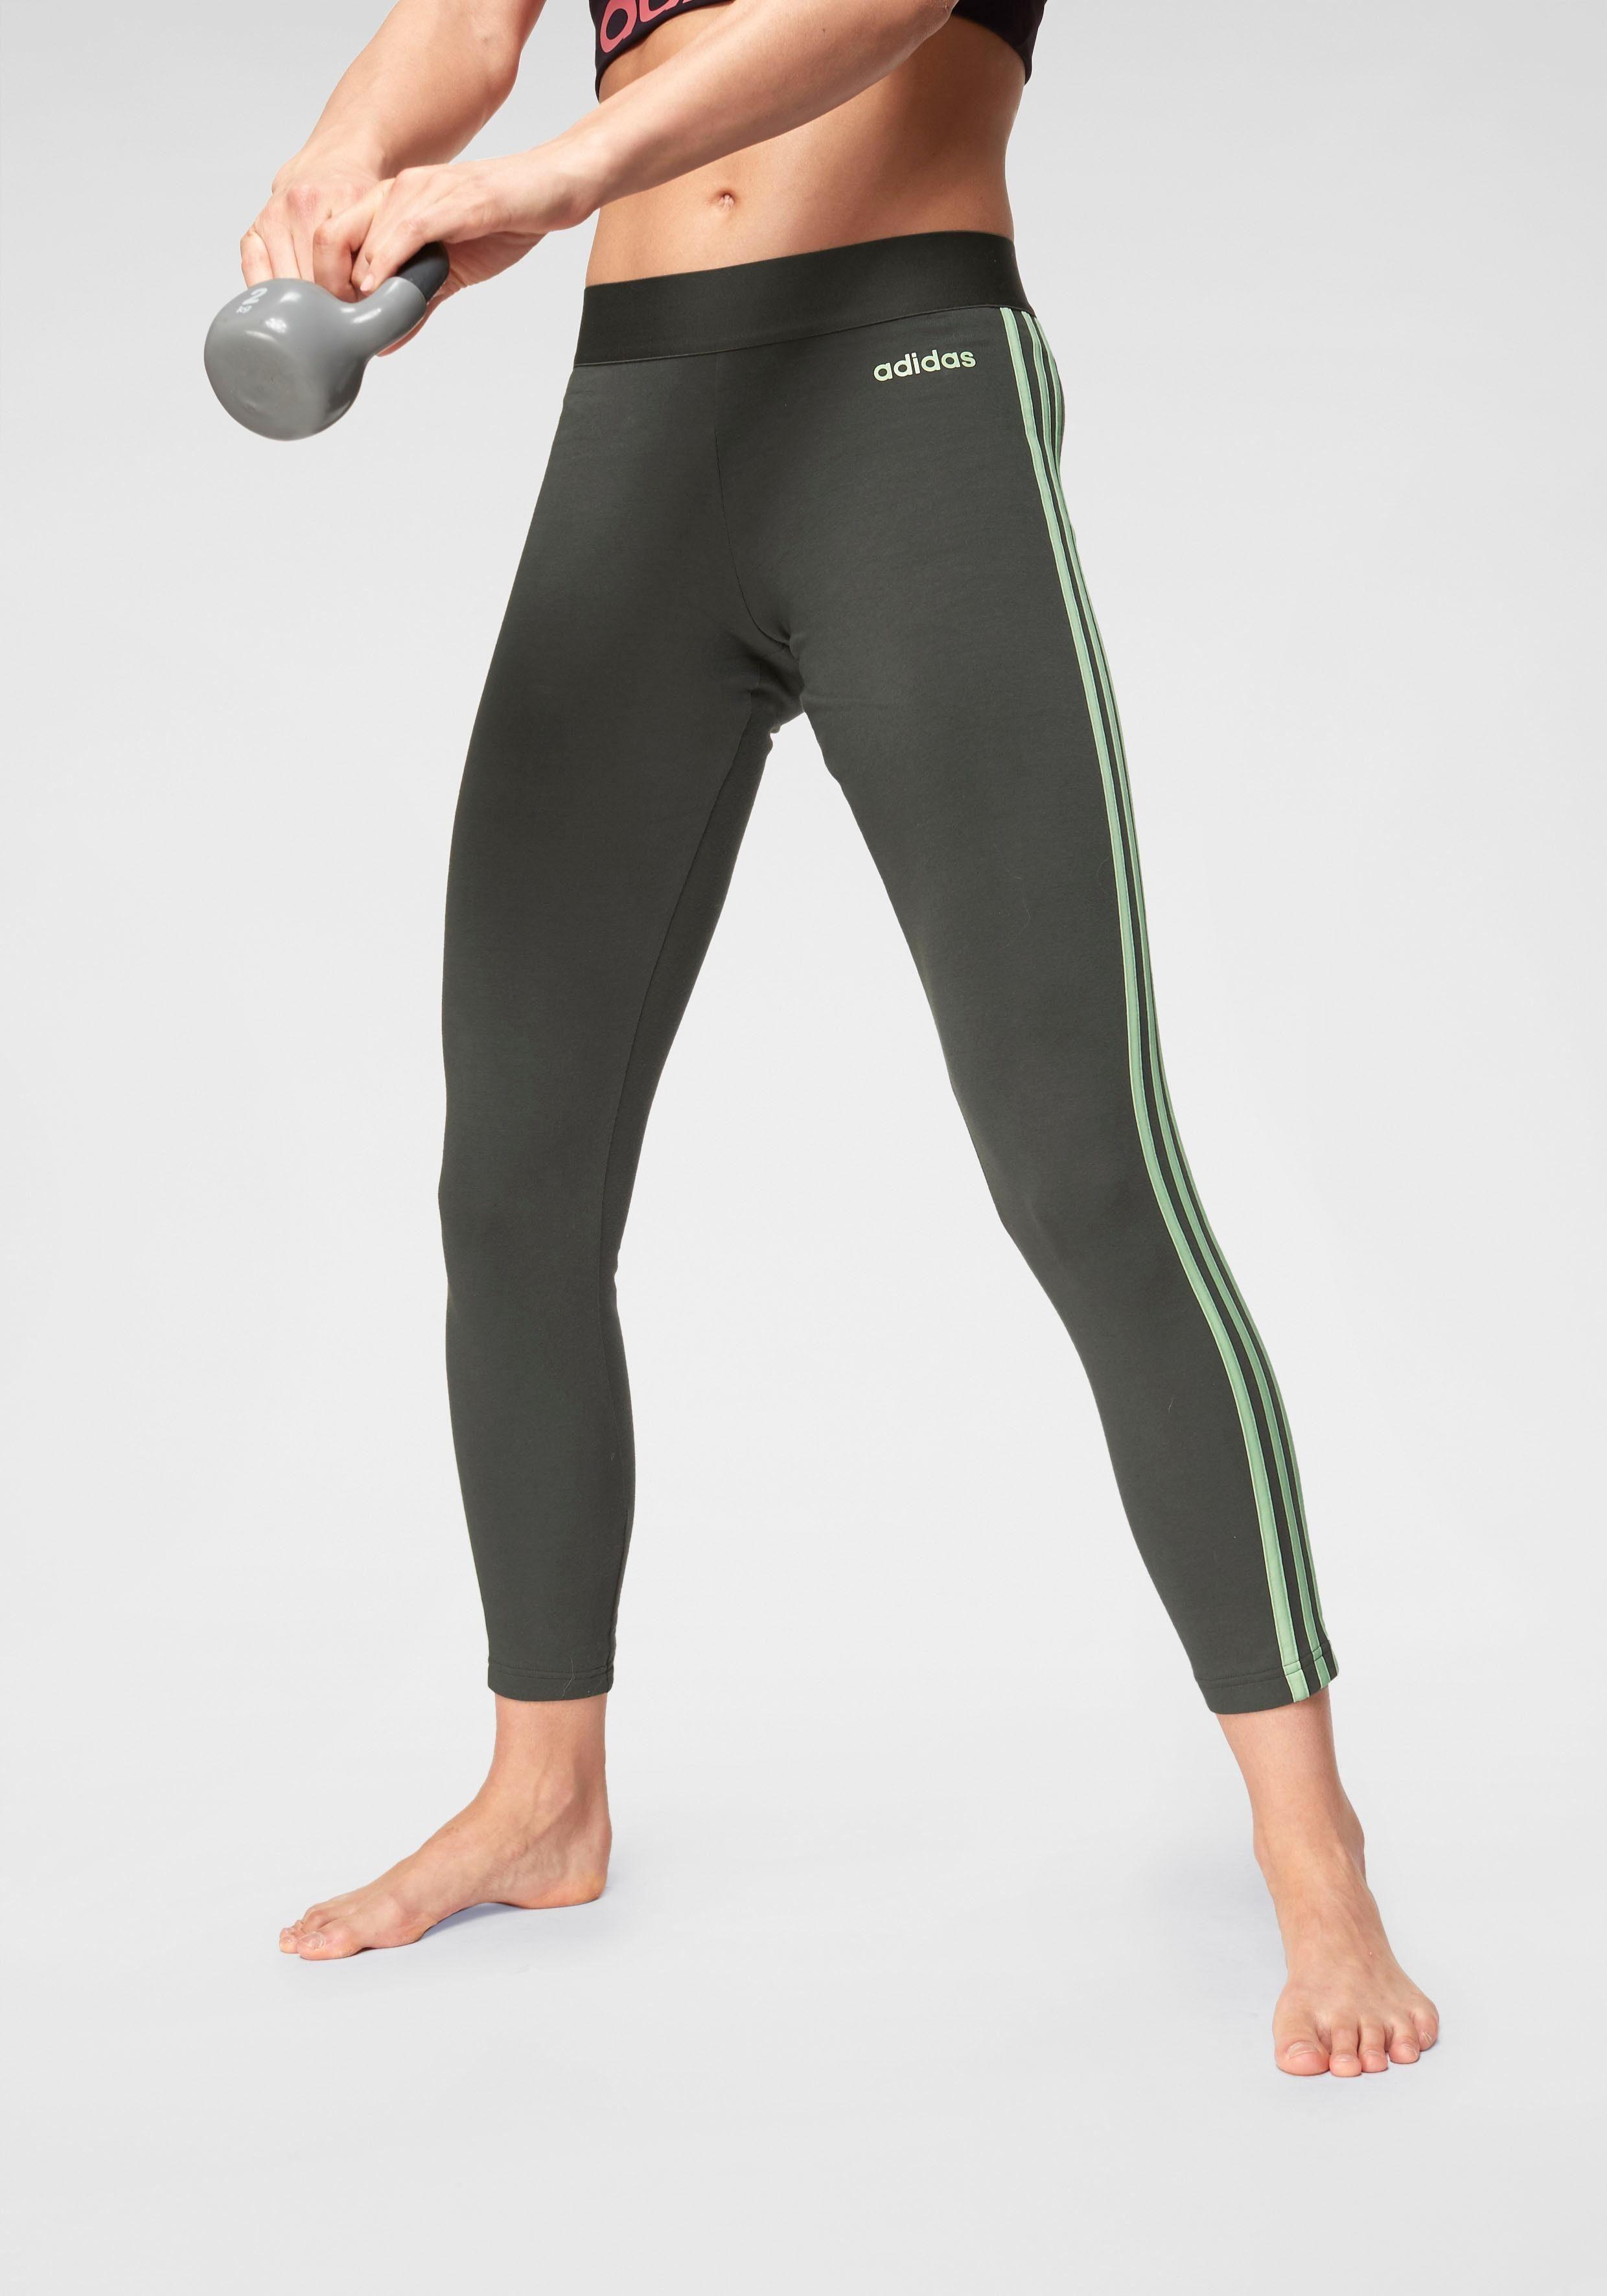 adidas Leggings »W E 3 STRIPES TIGHT«, Leggings von adidas CORE SPORT online kaufen | OTTO